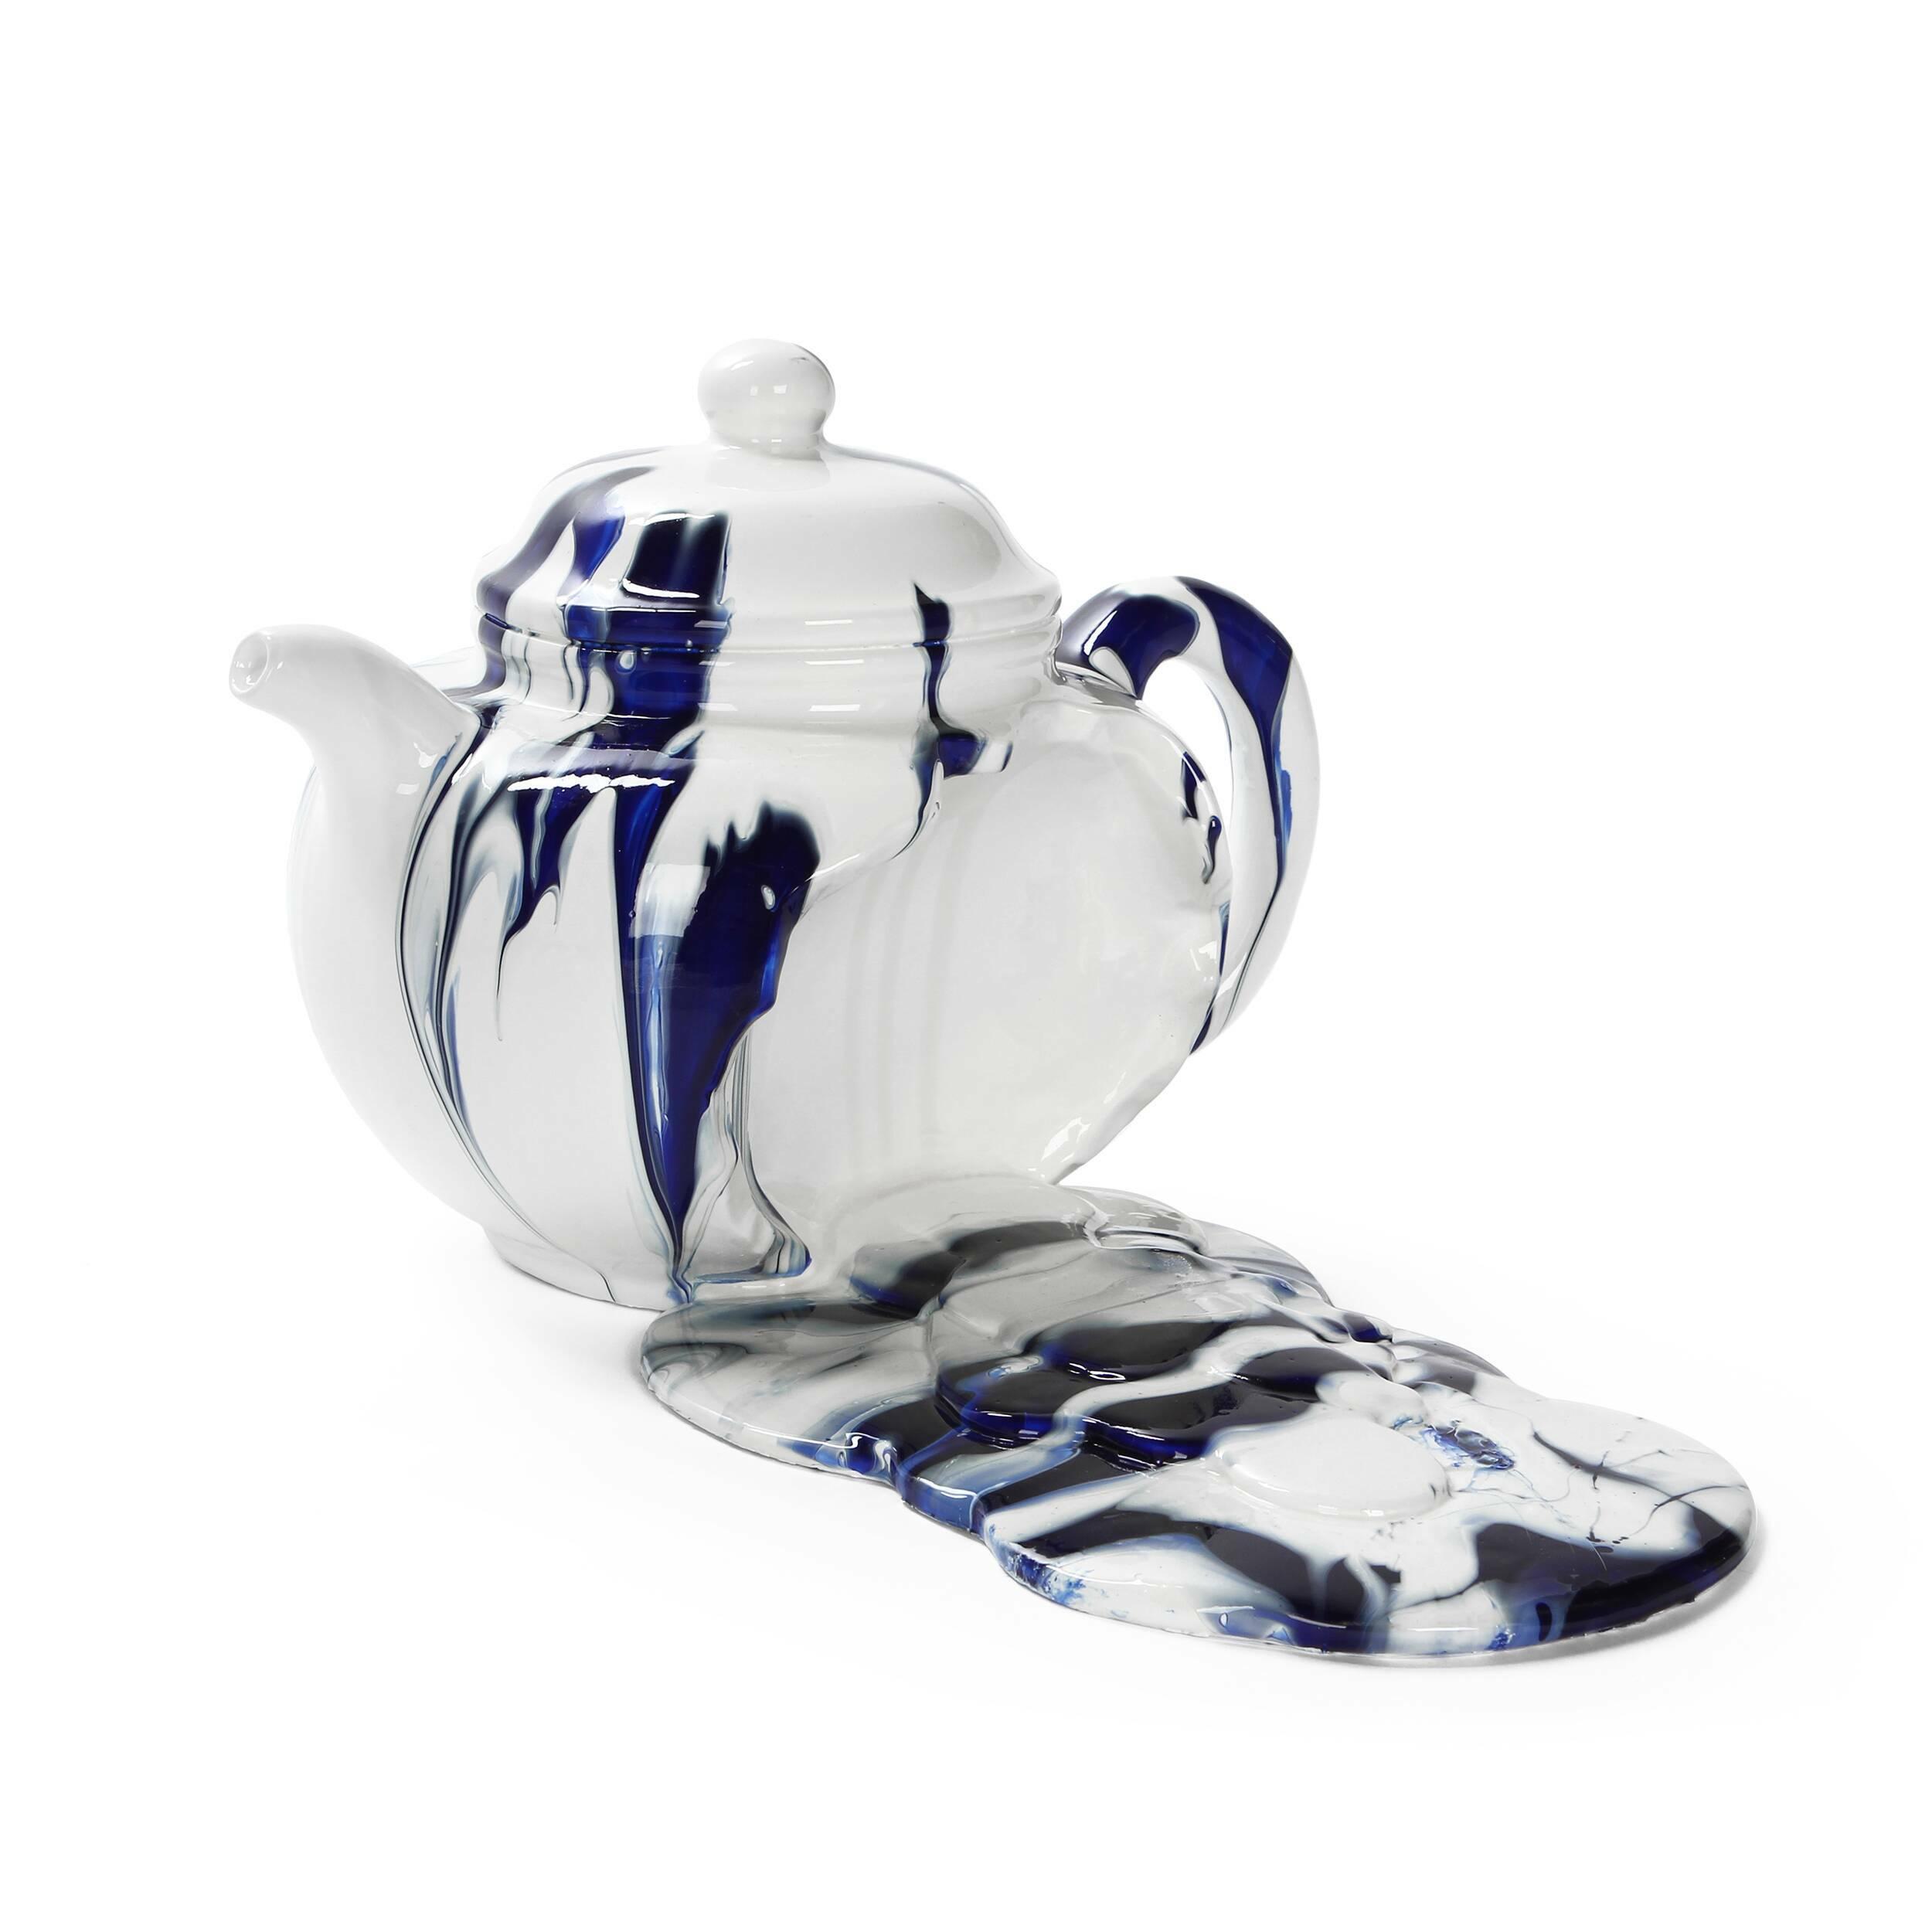 Статуэтка Cracked 2Настольные<br>Дизайнерская бело-голубая статуэтка разбитого чайника Cracked (Кракт) из полистоуна от Cosmo (Космо).<br><br><br> Декорирование своего жилища — это чрезвычайно увлекательное и интересное занятие, которое поможет не только выразить себя и свои эмоции в украшении дома, но и создать именно ту обстановку и атмосферу, о которой вы мечтали. Украшению подлежат не только гостиные и спальные комнаты, но и такие помещения, как столовая комната и кухня. Именно для них больше всего подходит представленная зде...<br><br>stock: 6<br>Высота: 17,5<br>Ширина: 24<br>Материал: Полистоун<br>Цвет: Белый<br>Длина: 31,5<br>Цвет дополнительный: Голубой